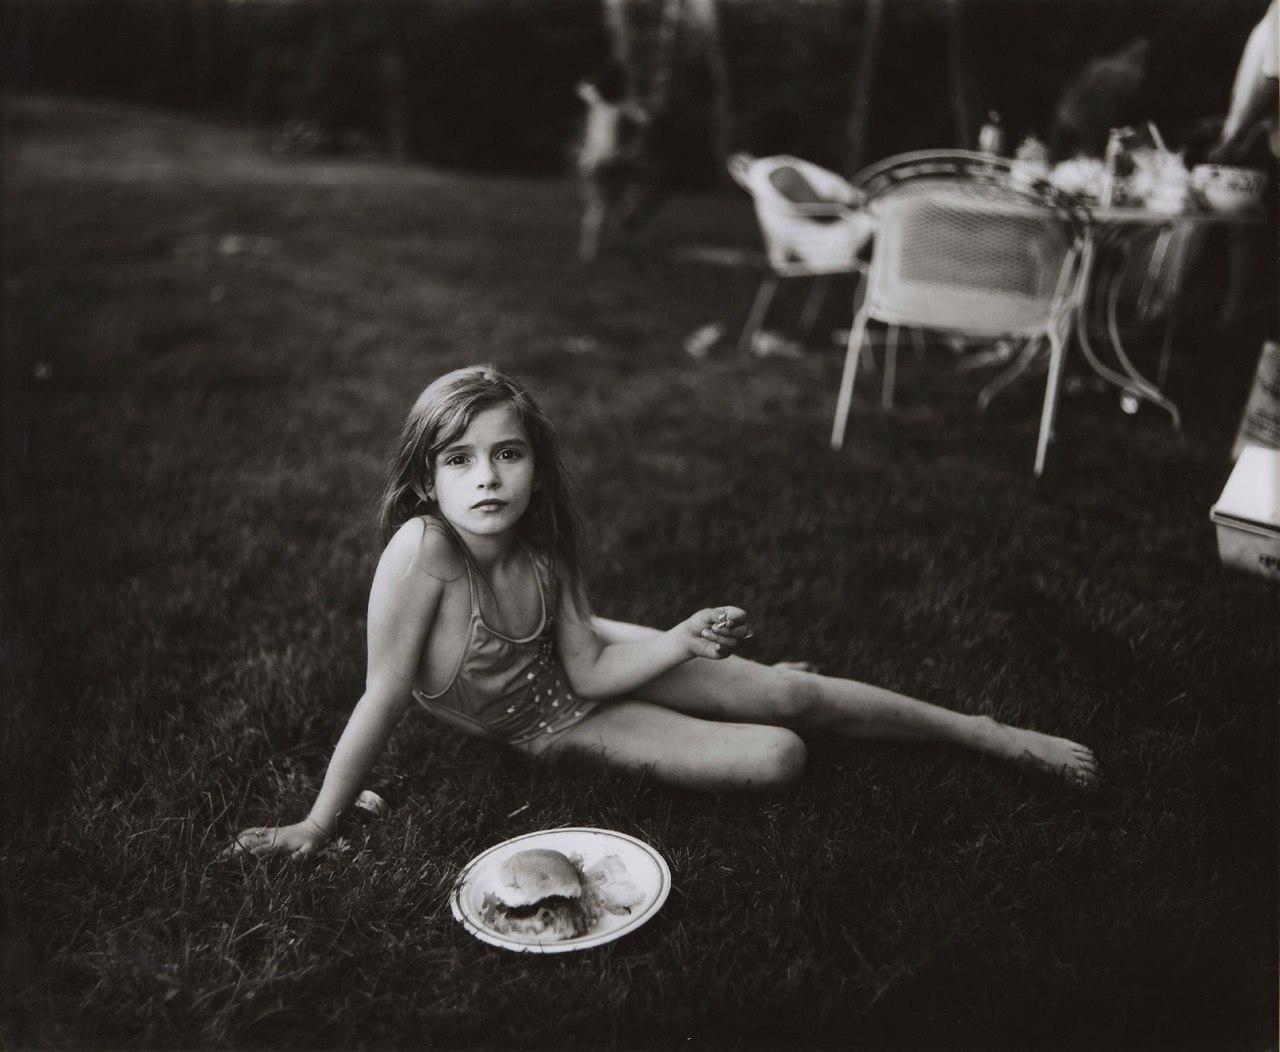 Фото эротика маленькая модель, Девочка созрела? Самые скандальные фотосессии юных 16 фотография